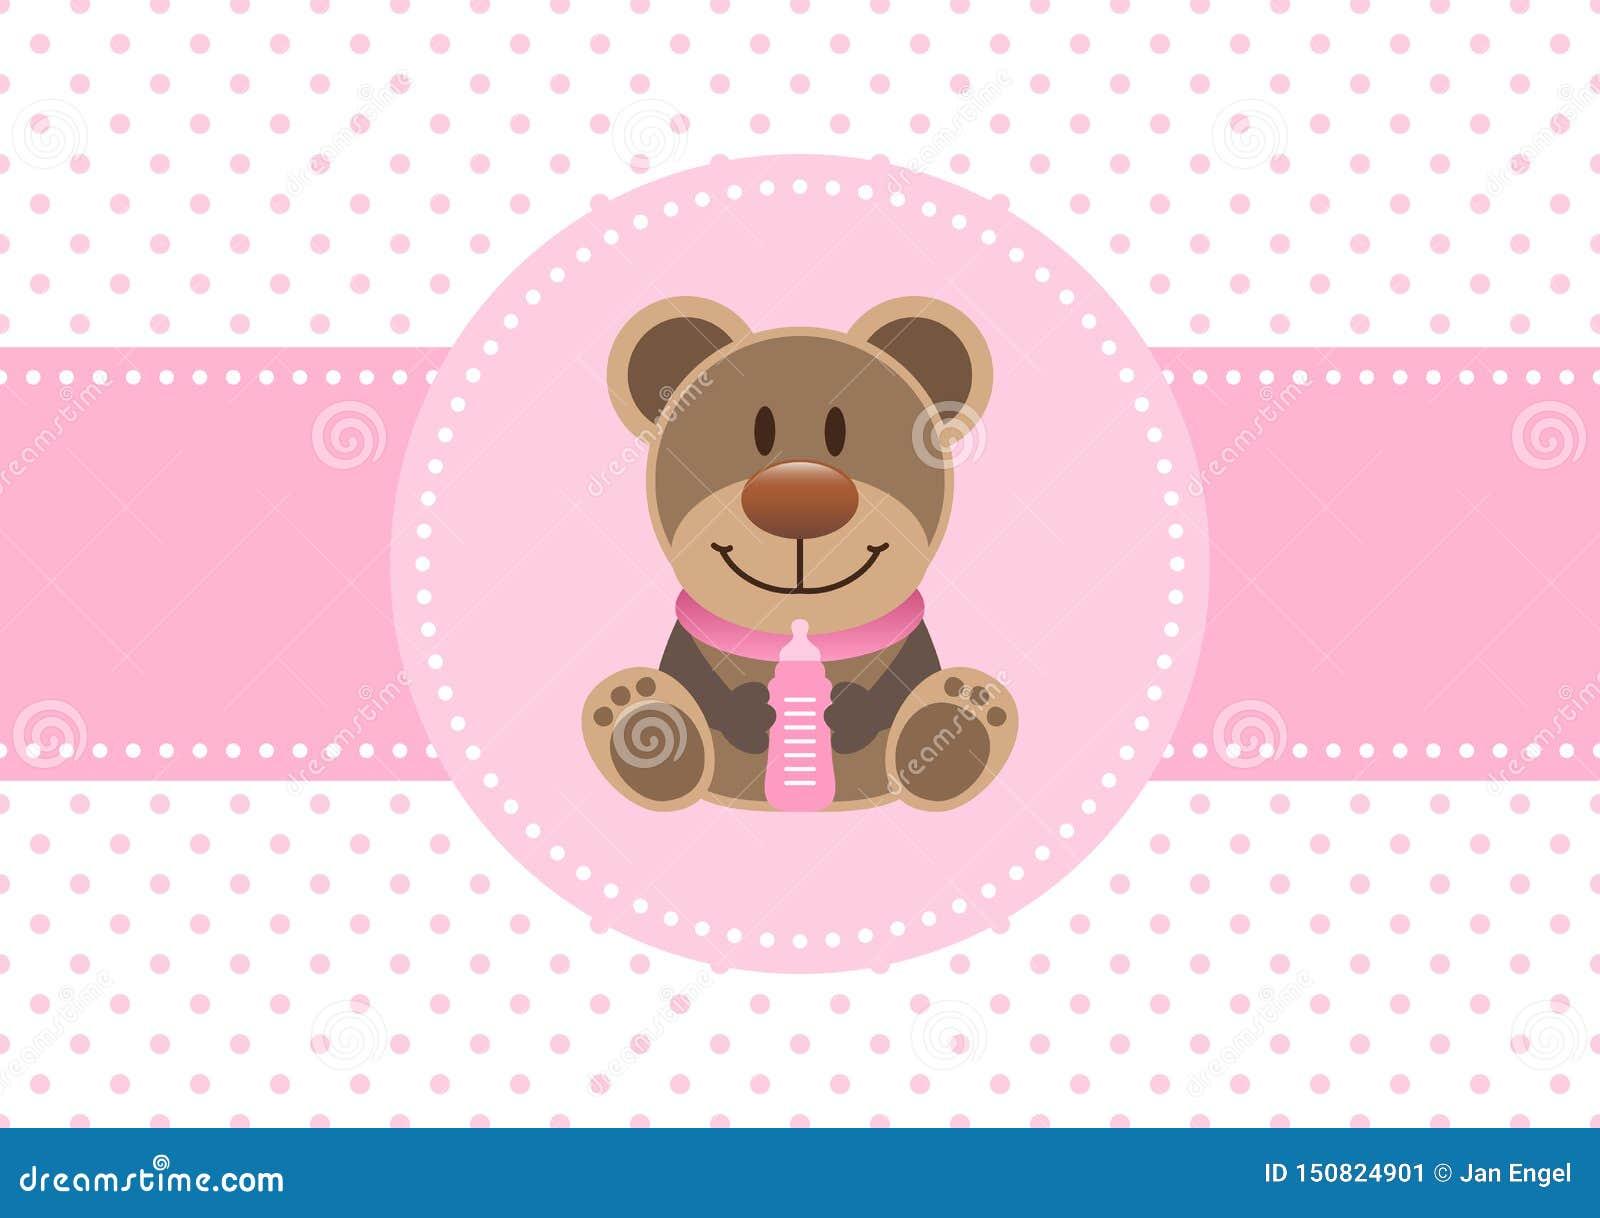 Rosa di Teddy And Bottle Dots Background della ragazza della carta del bambino